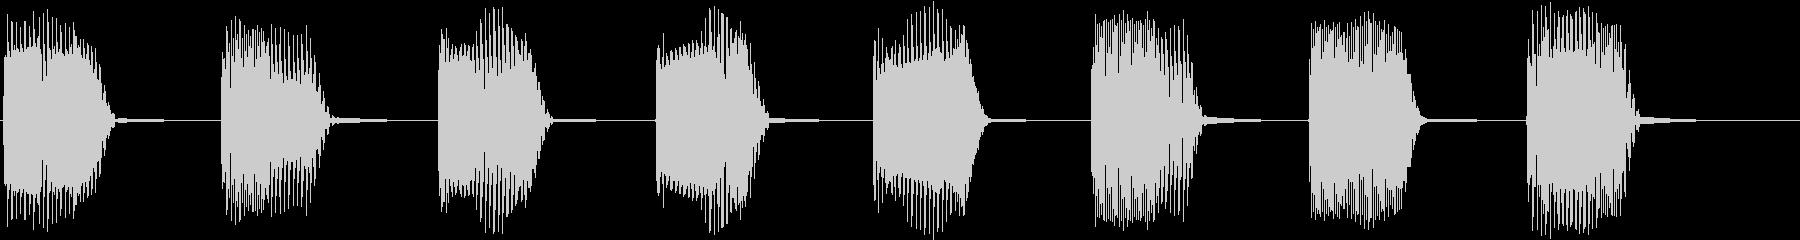 ロボットの機械制御音01の未再生の波形